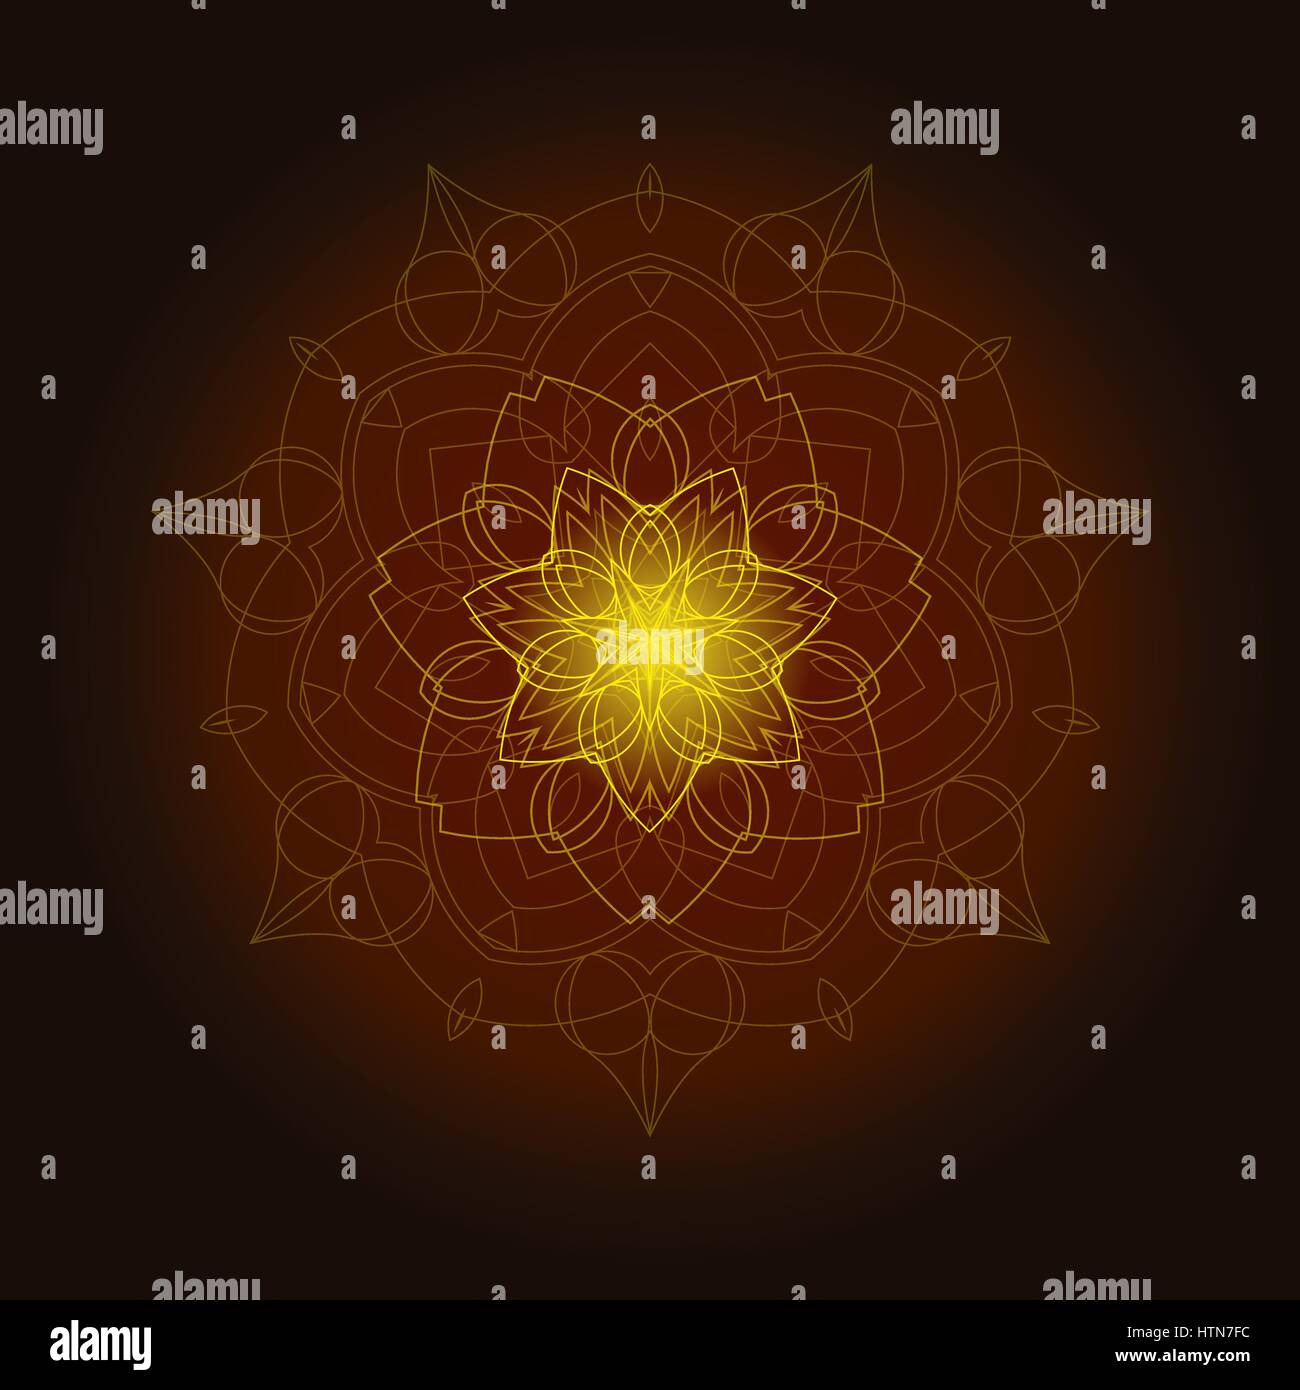 Background with shiny floral mandala - Stock Image